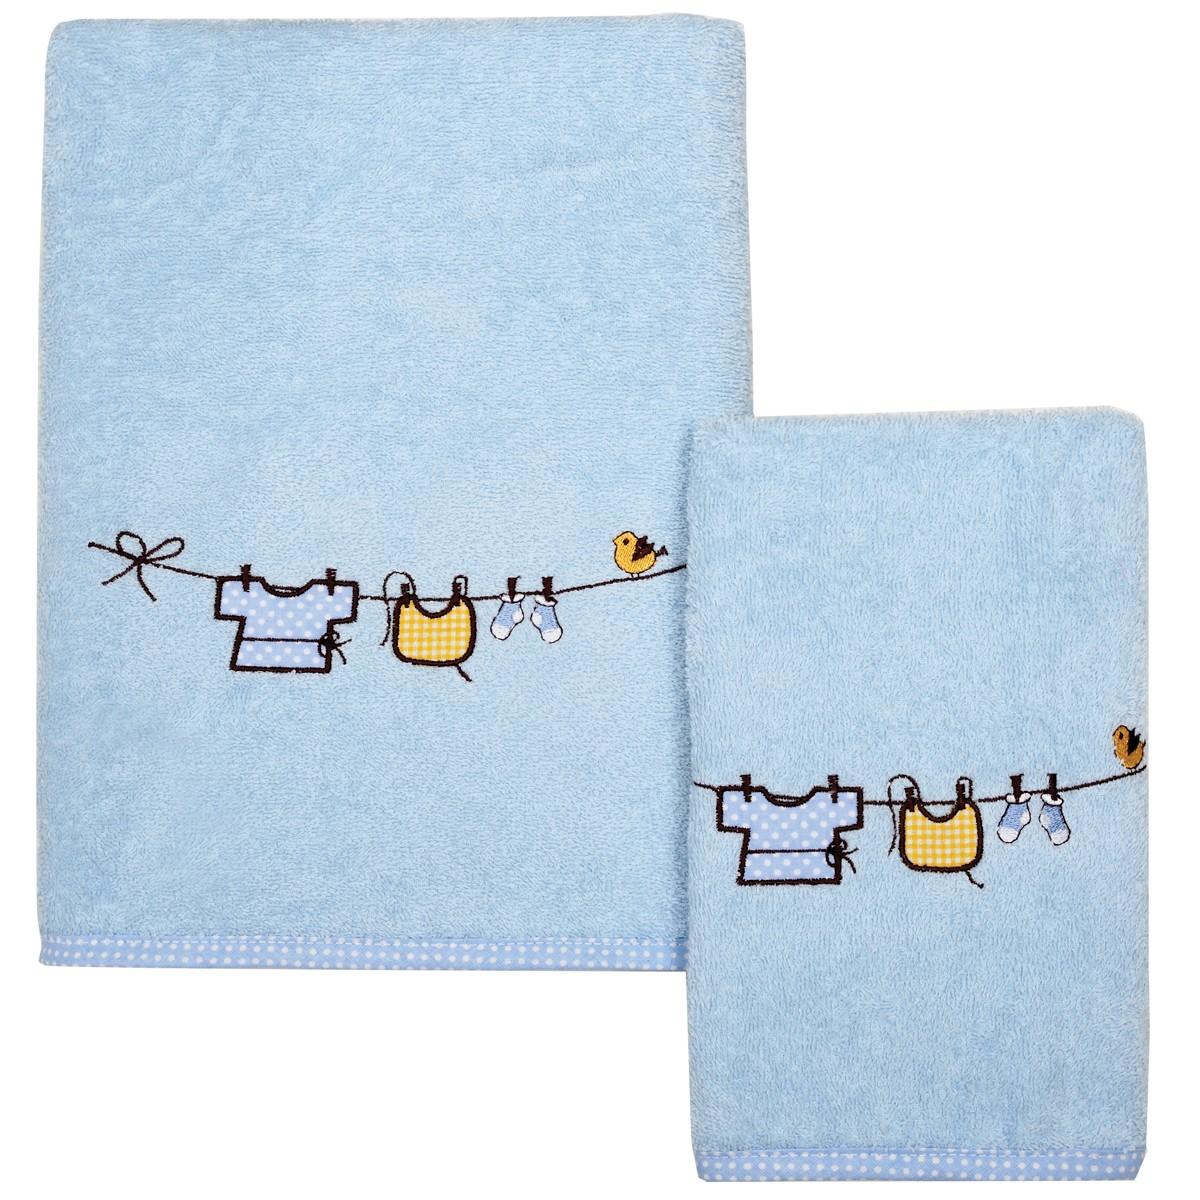 Βρεφικές Πετσέτες (Σετ 2τμχ) Das Home Smile Line 6431 78529